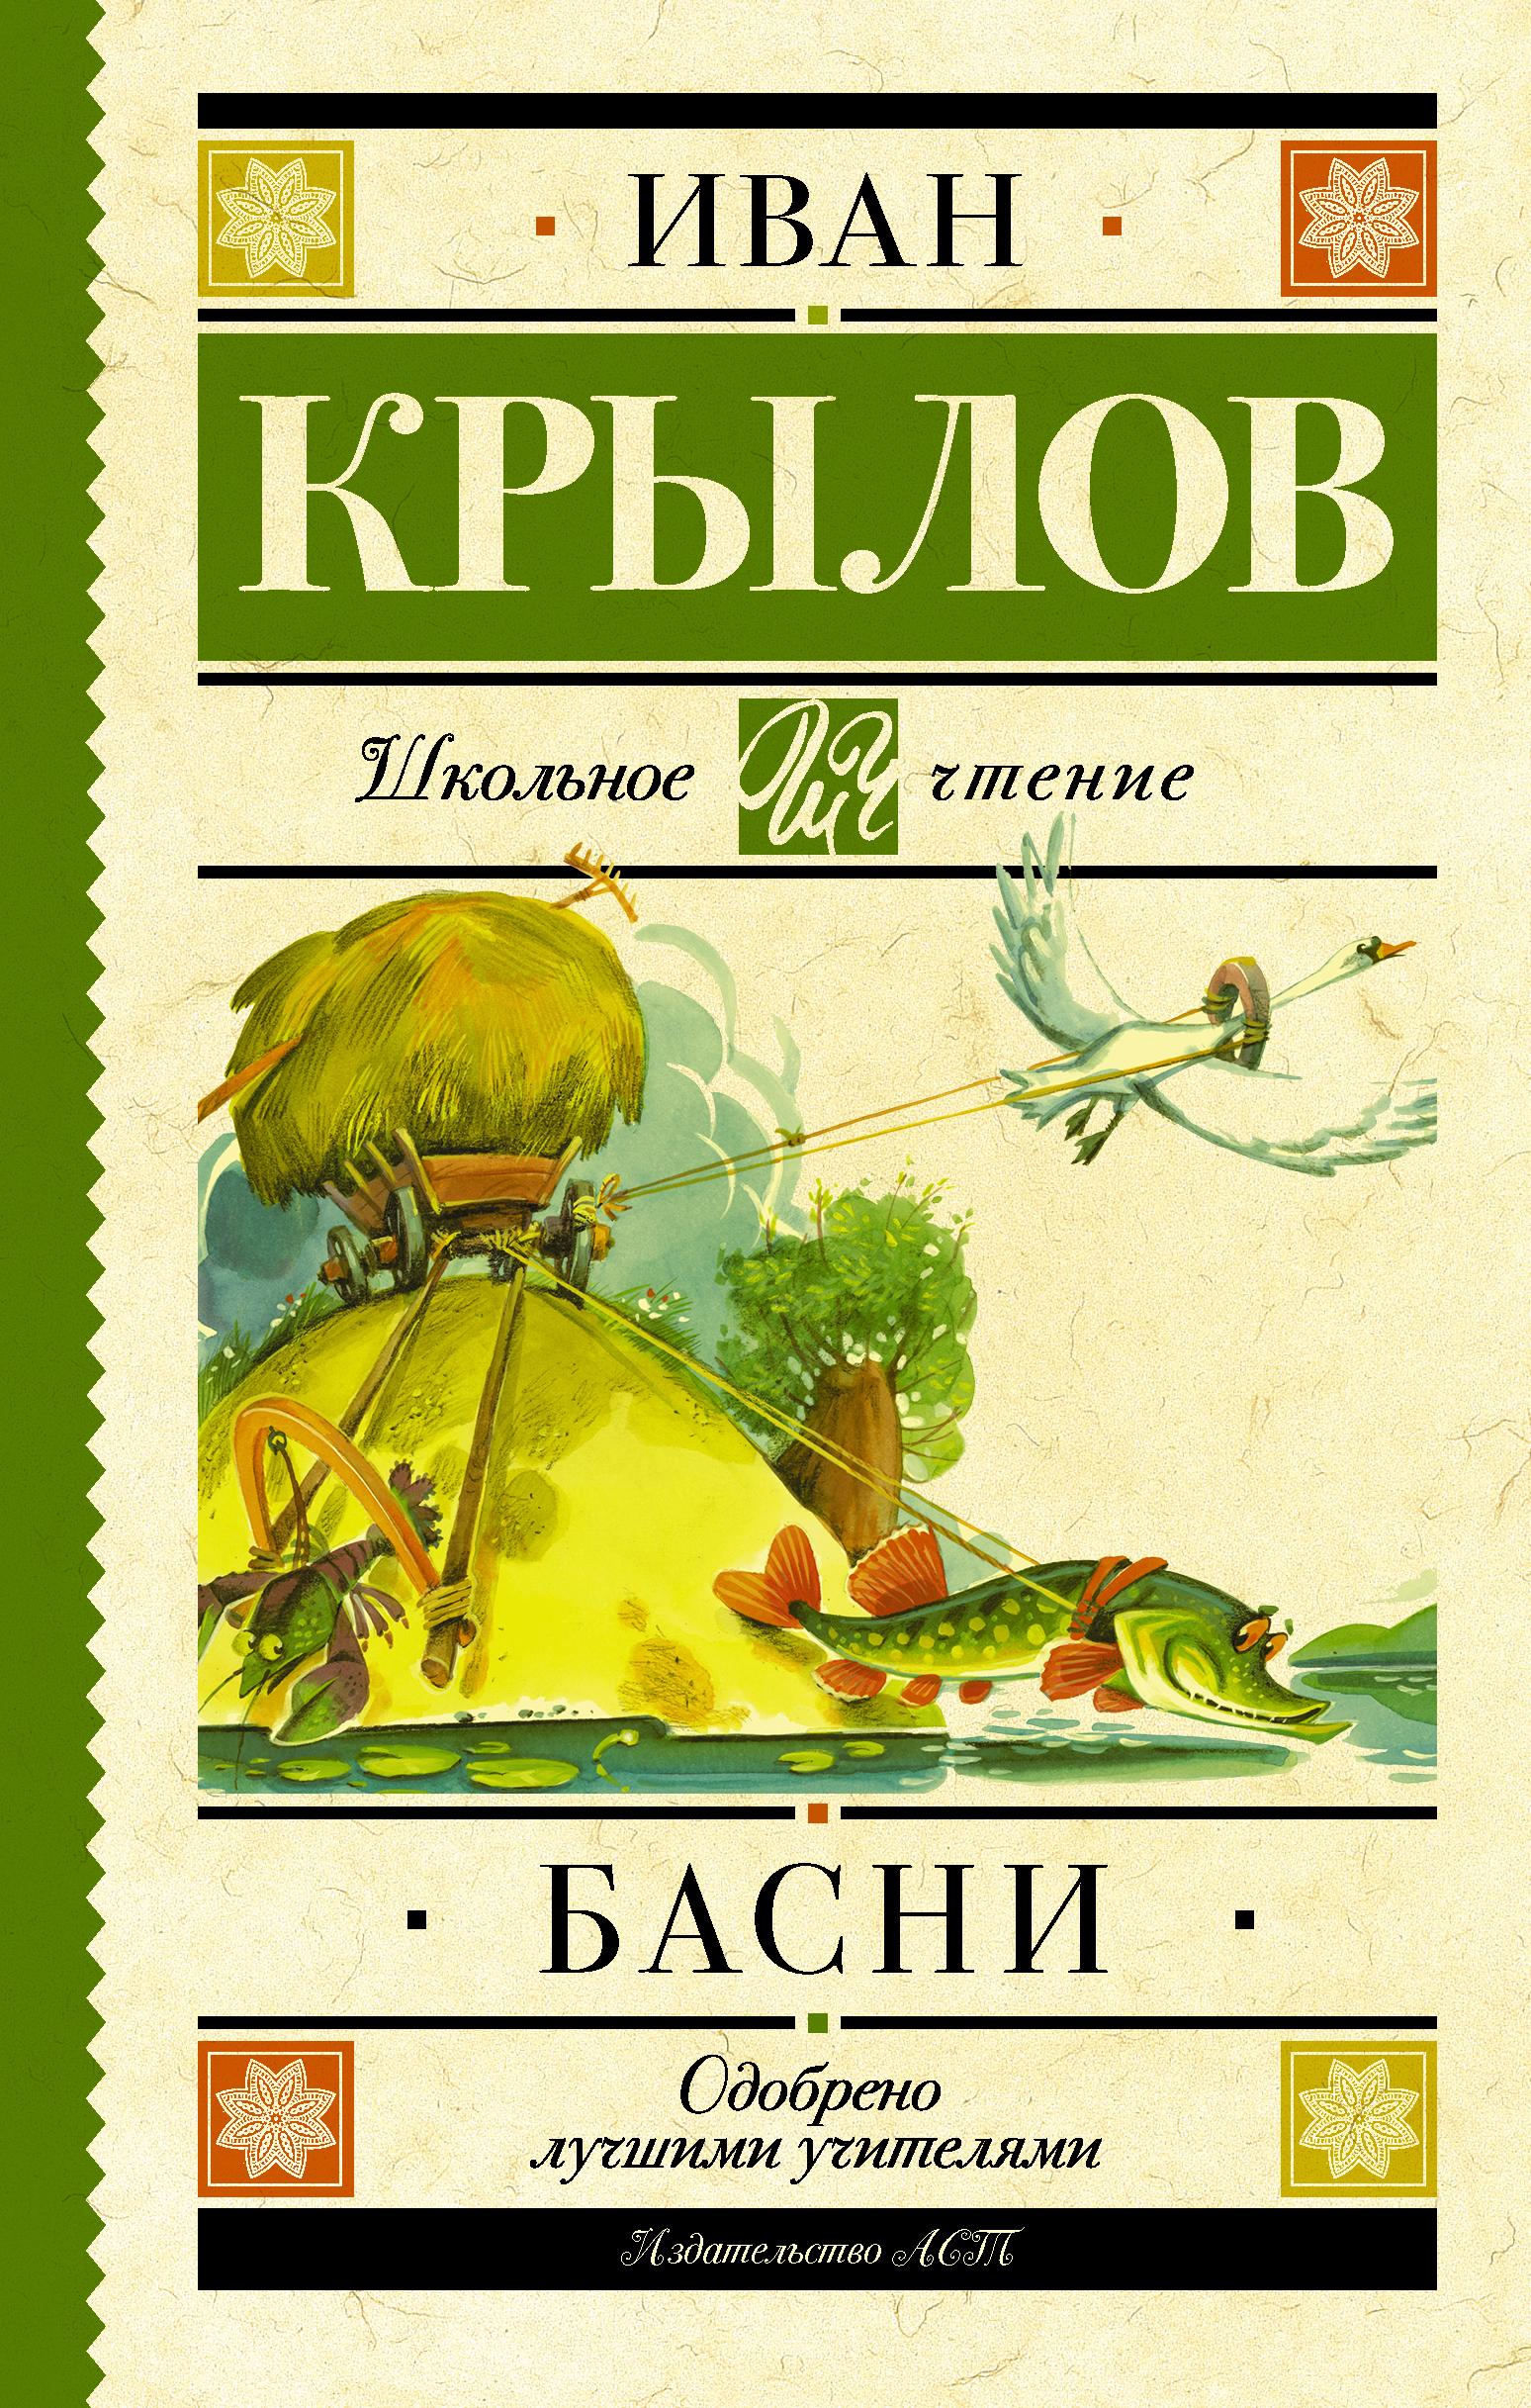 Купить Басни, Иван Крылов, 978-5-17-103738-3